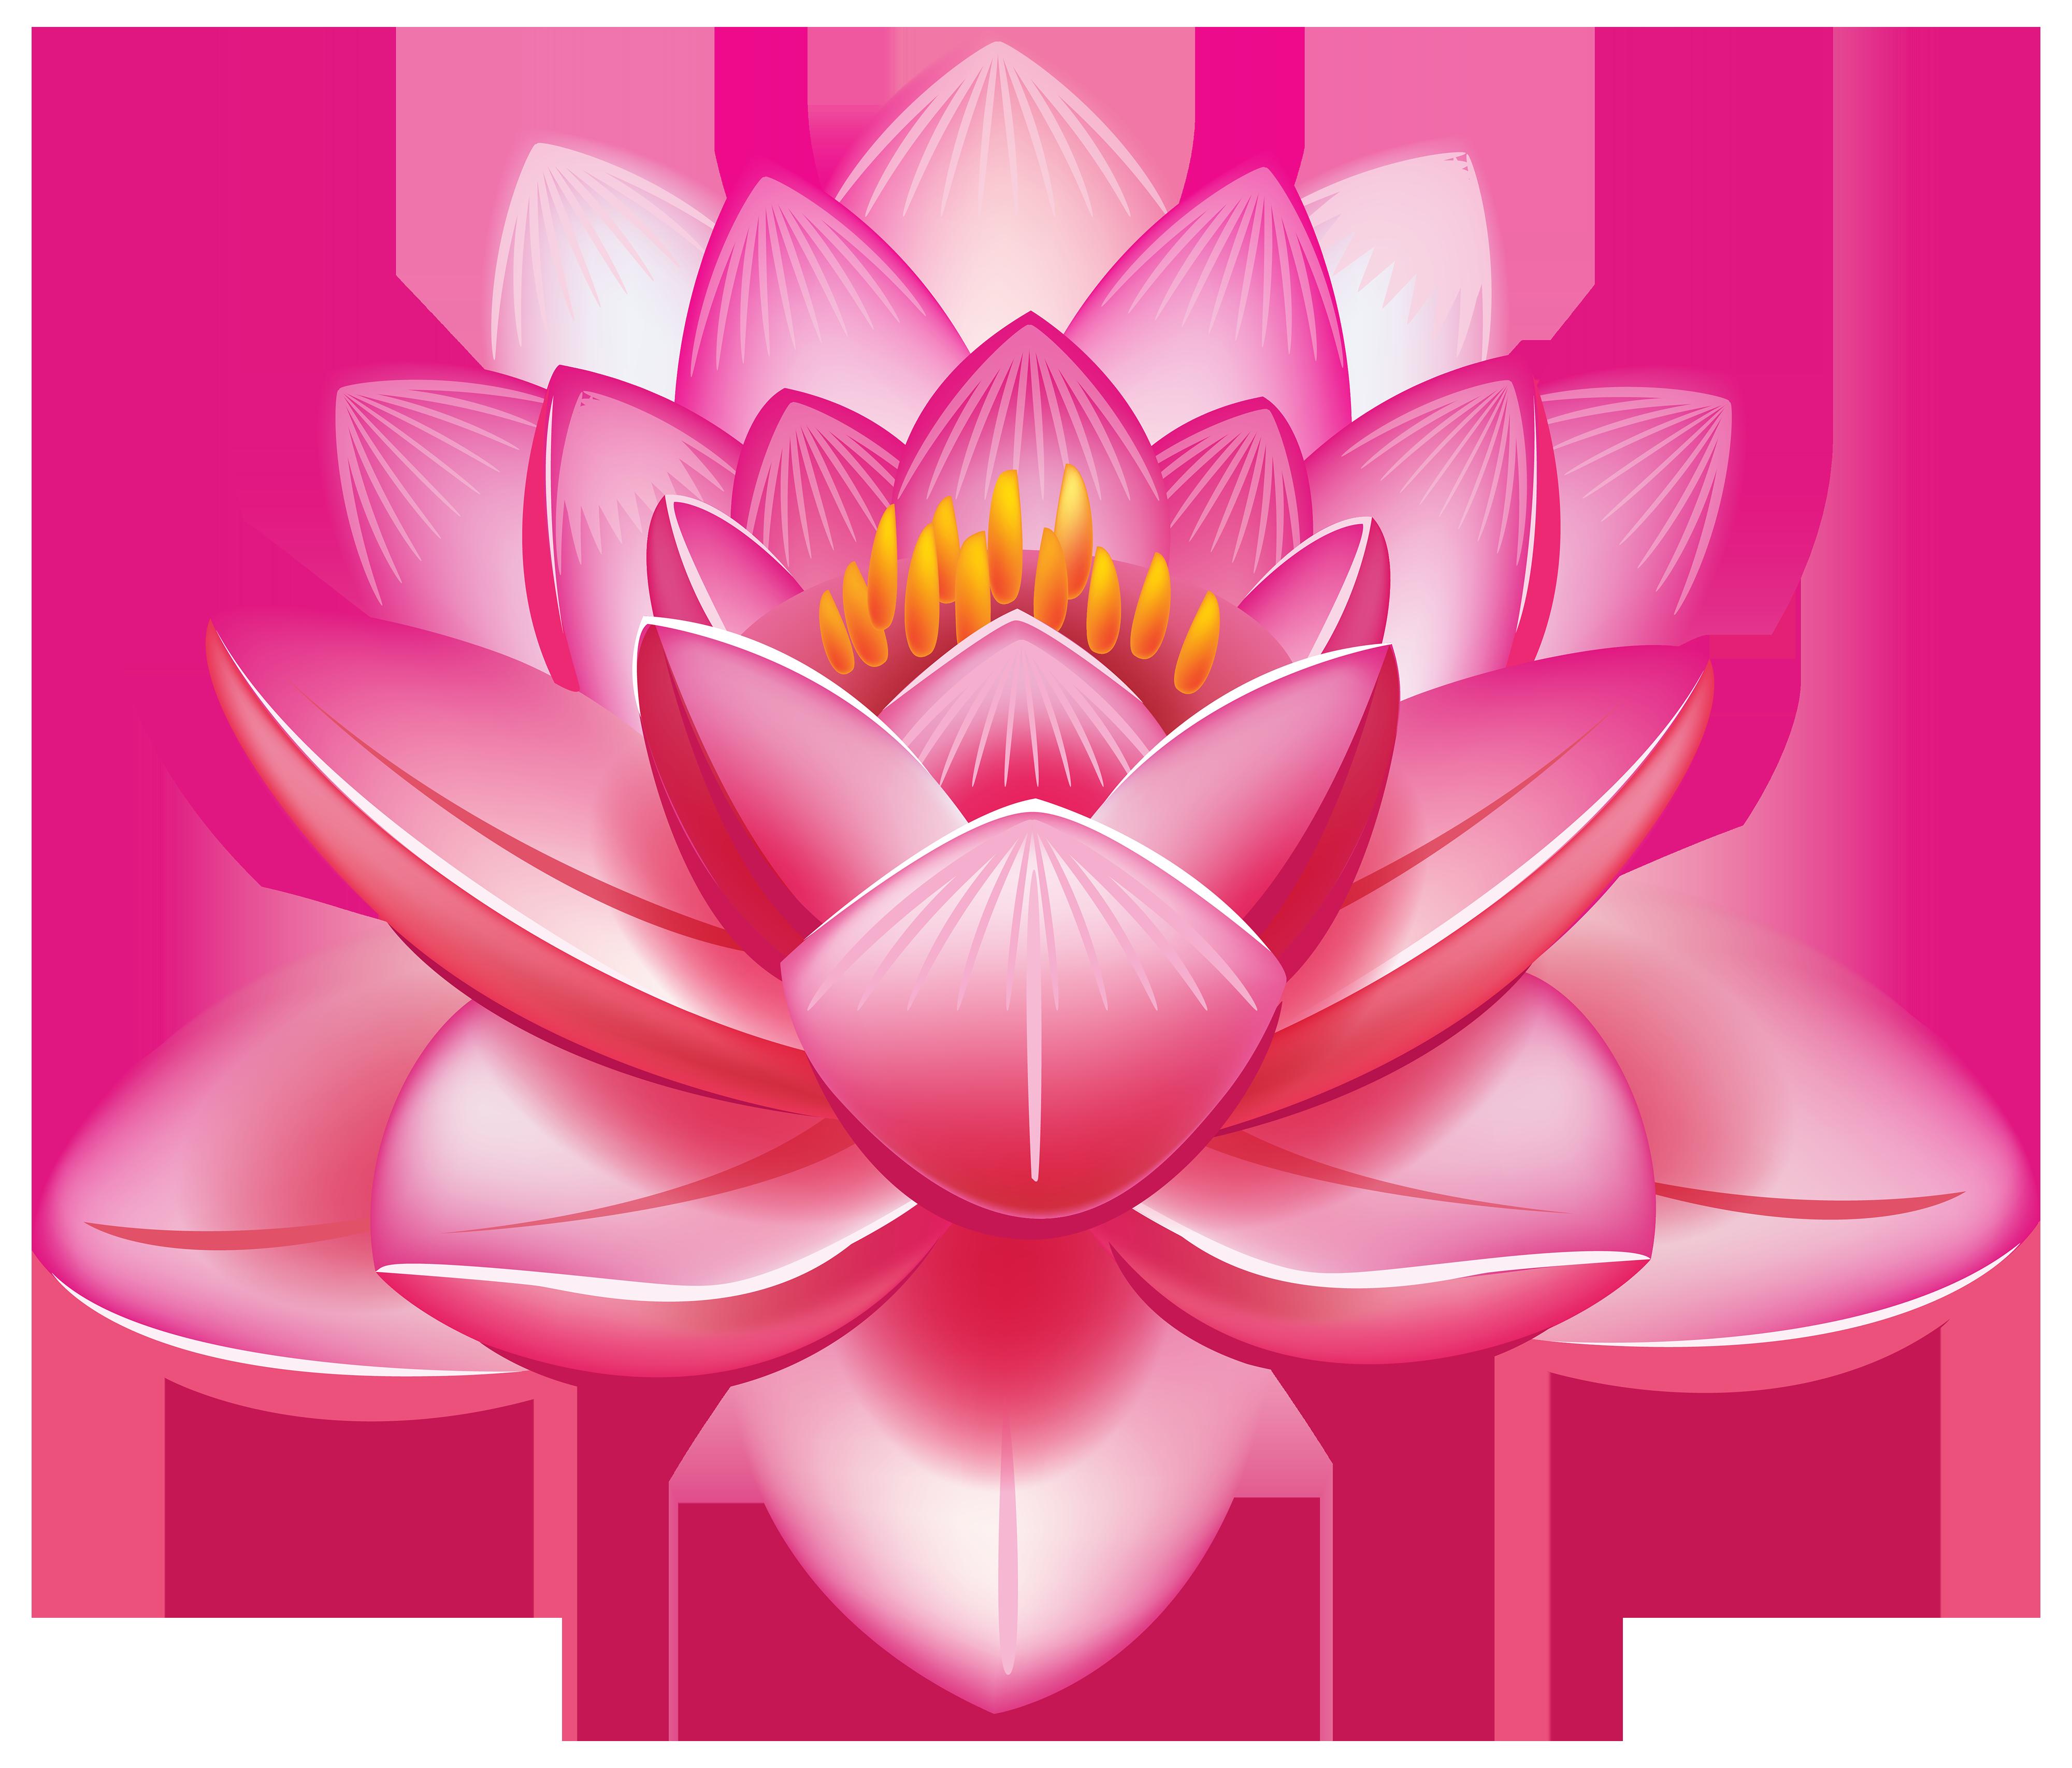 CLIPART FLOWERS Lotus Flower PNG Clipart Best WEB Clipart